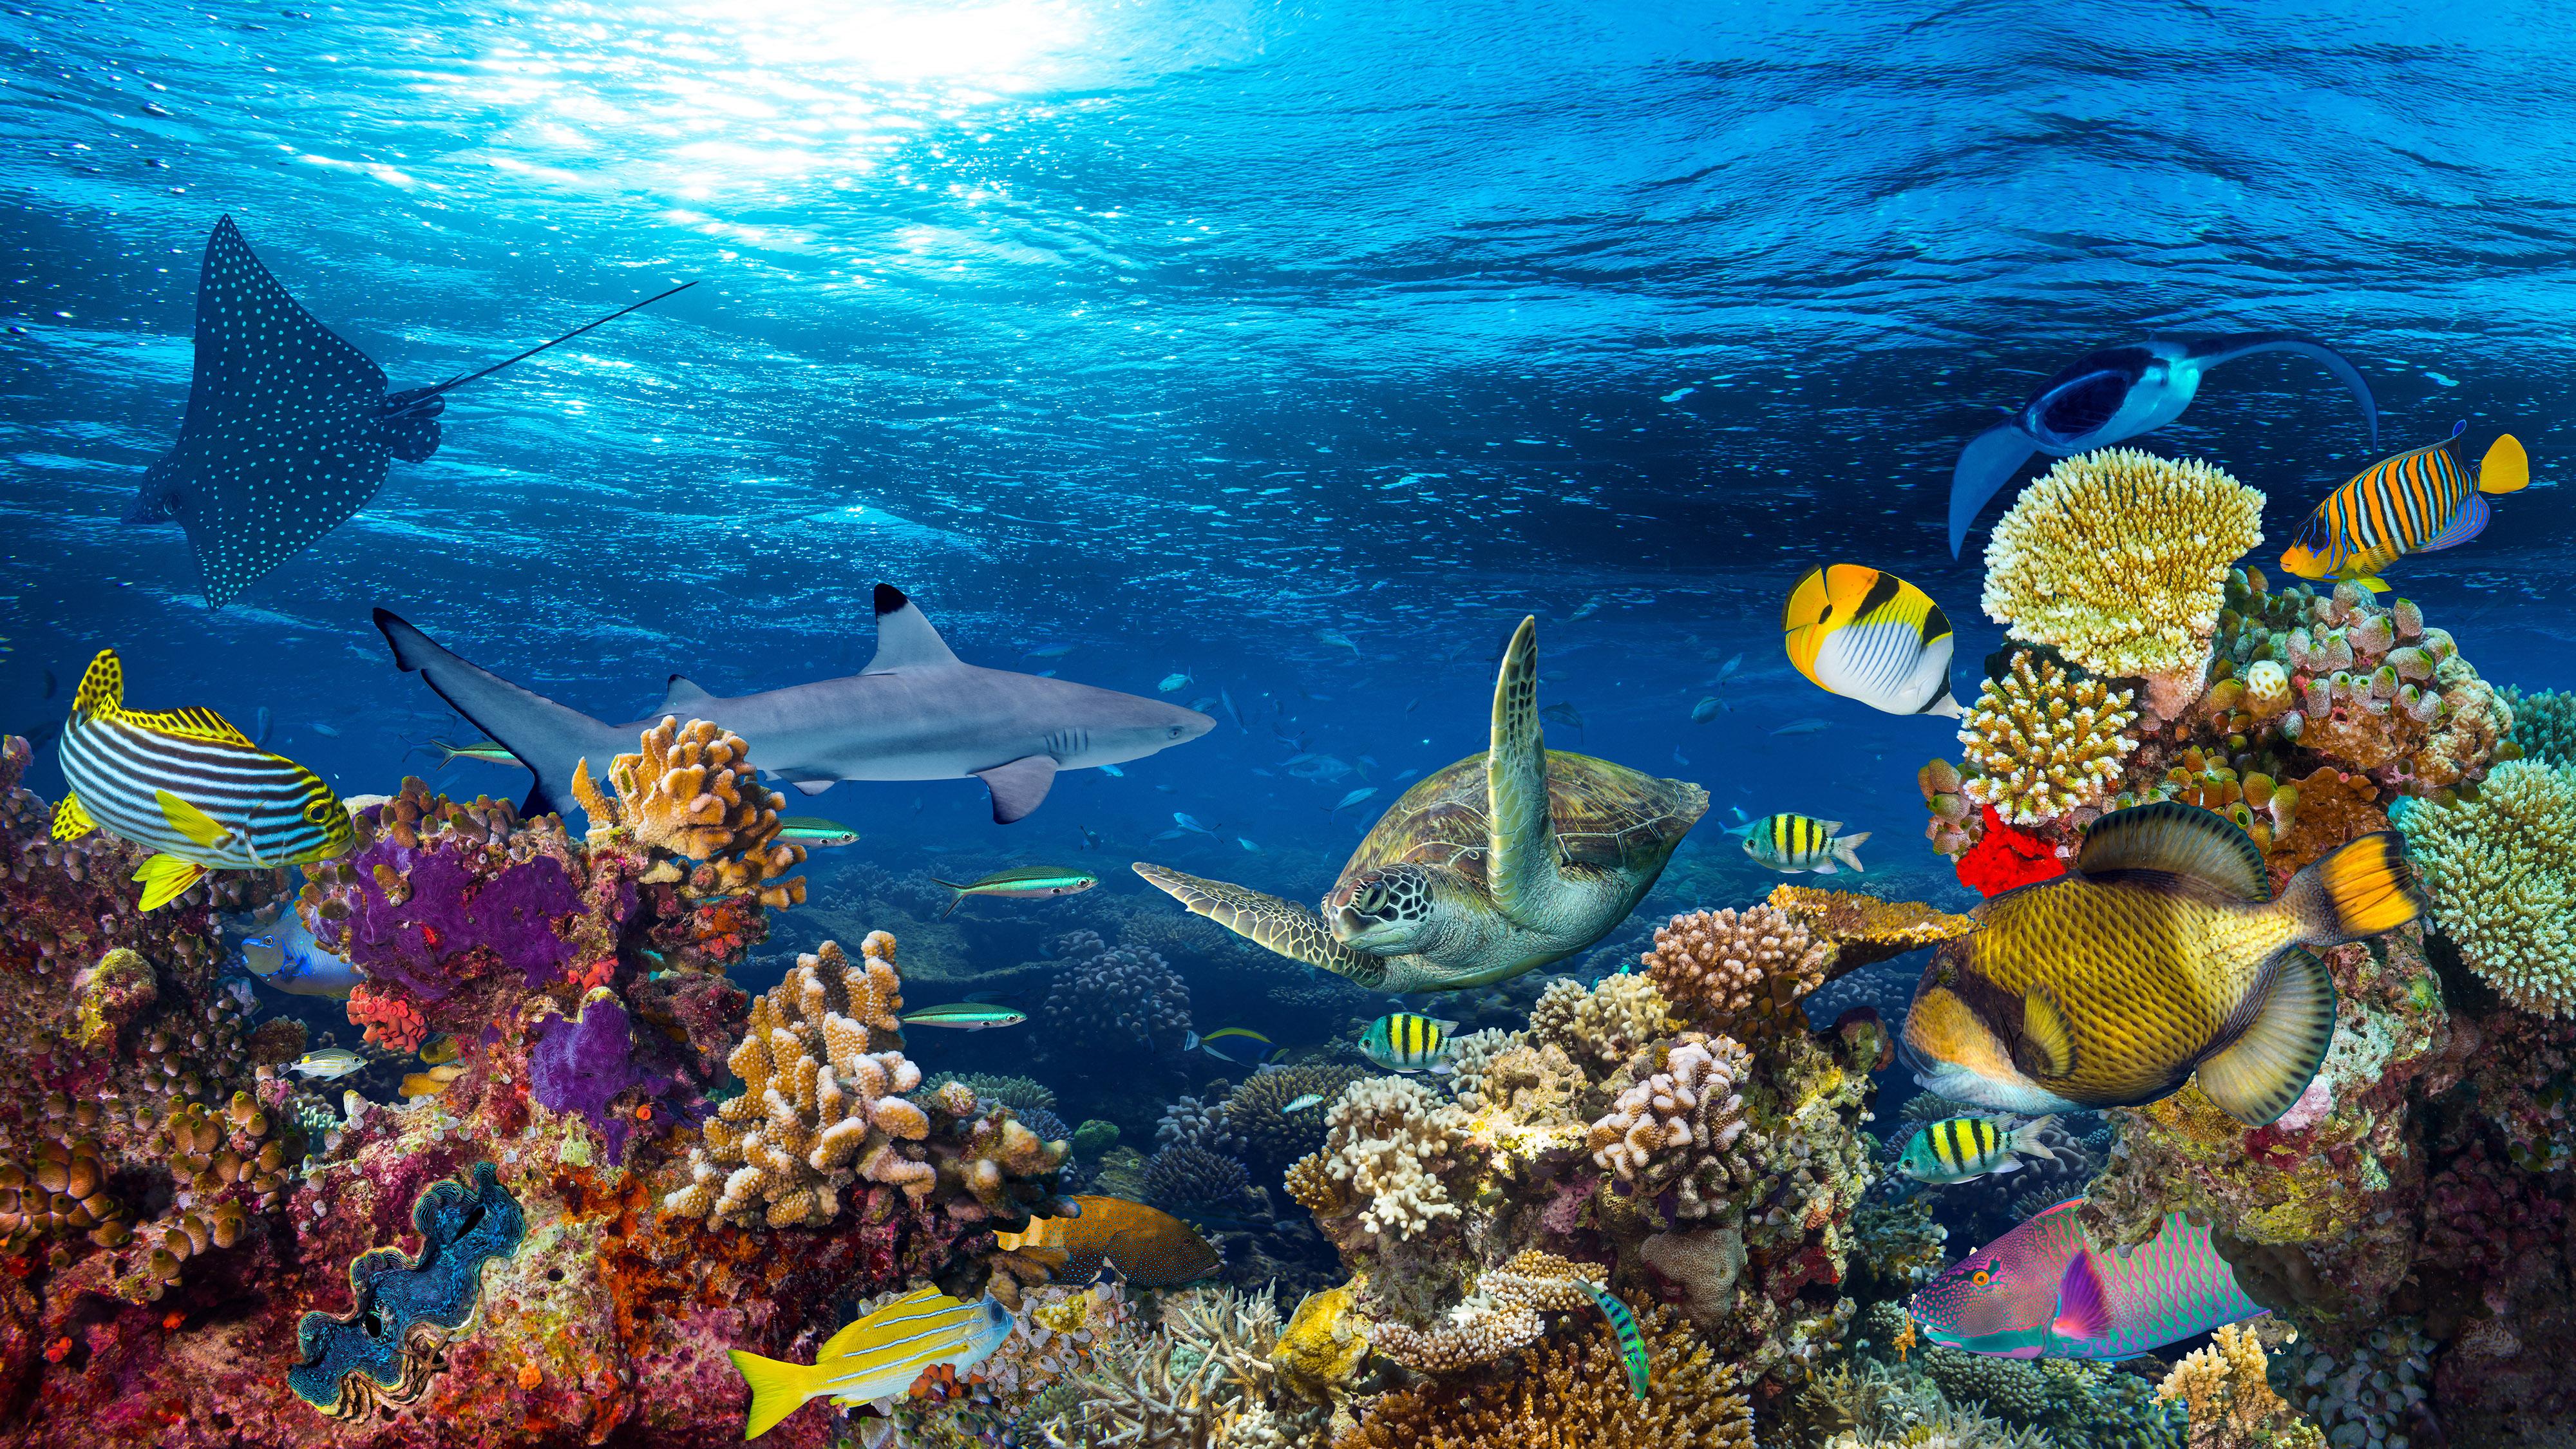 paisagem de recife de coral subaquático1-editado